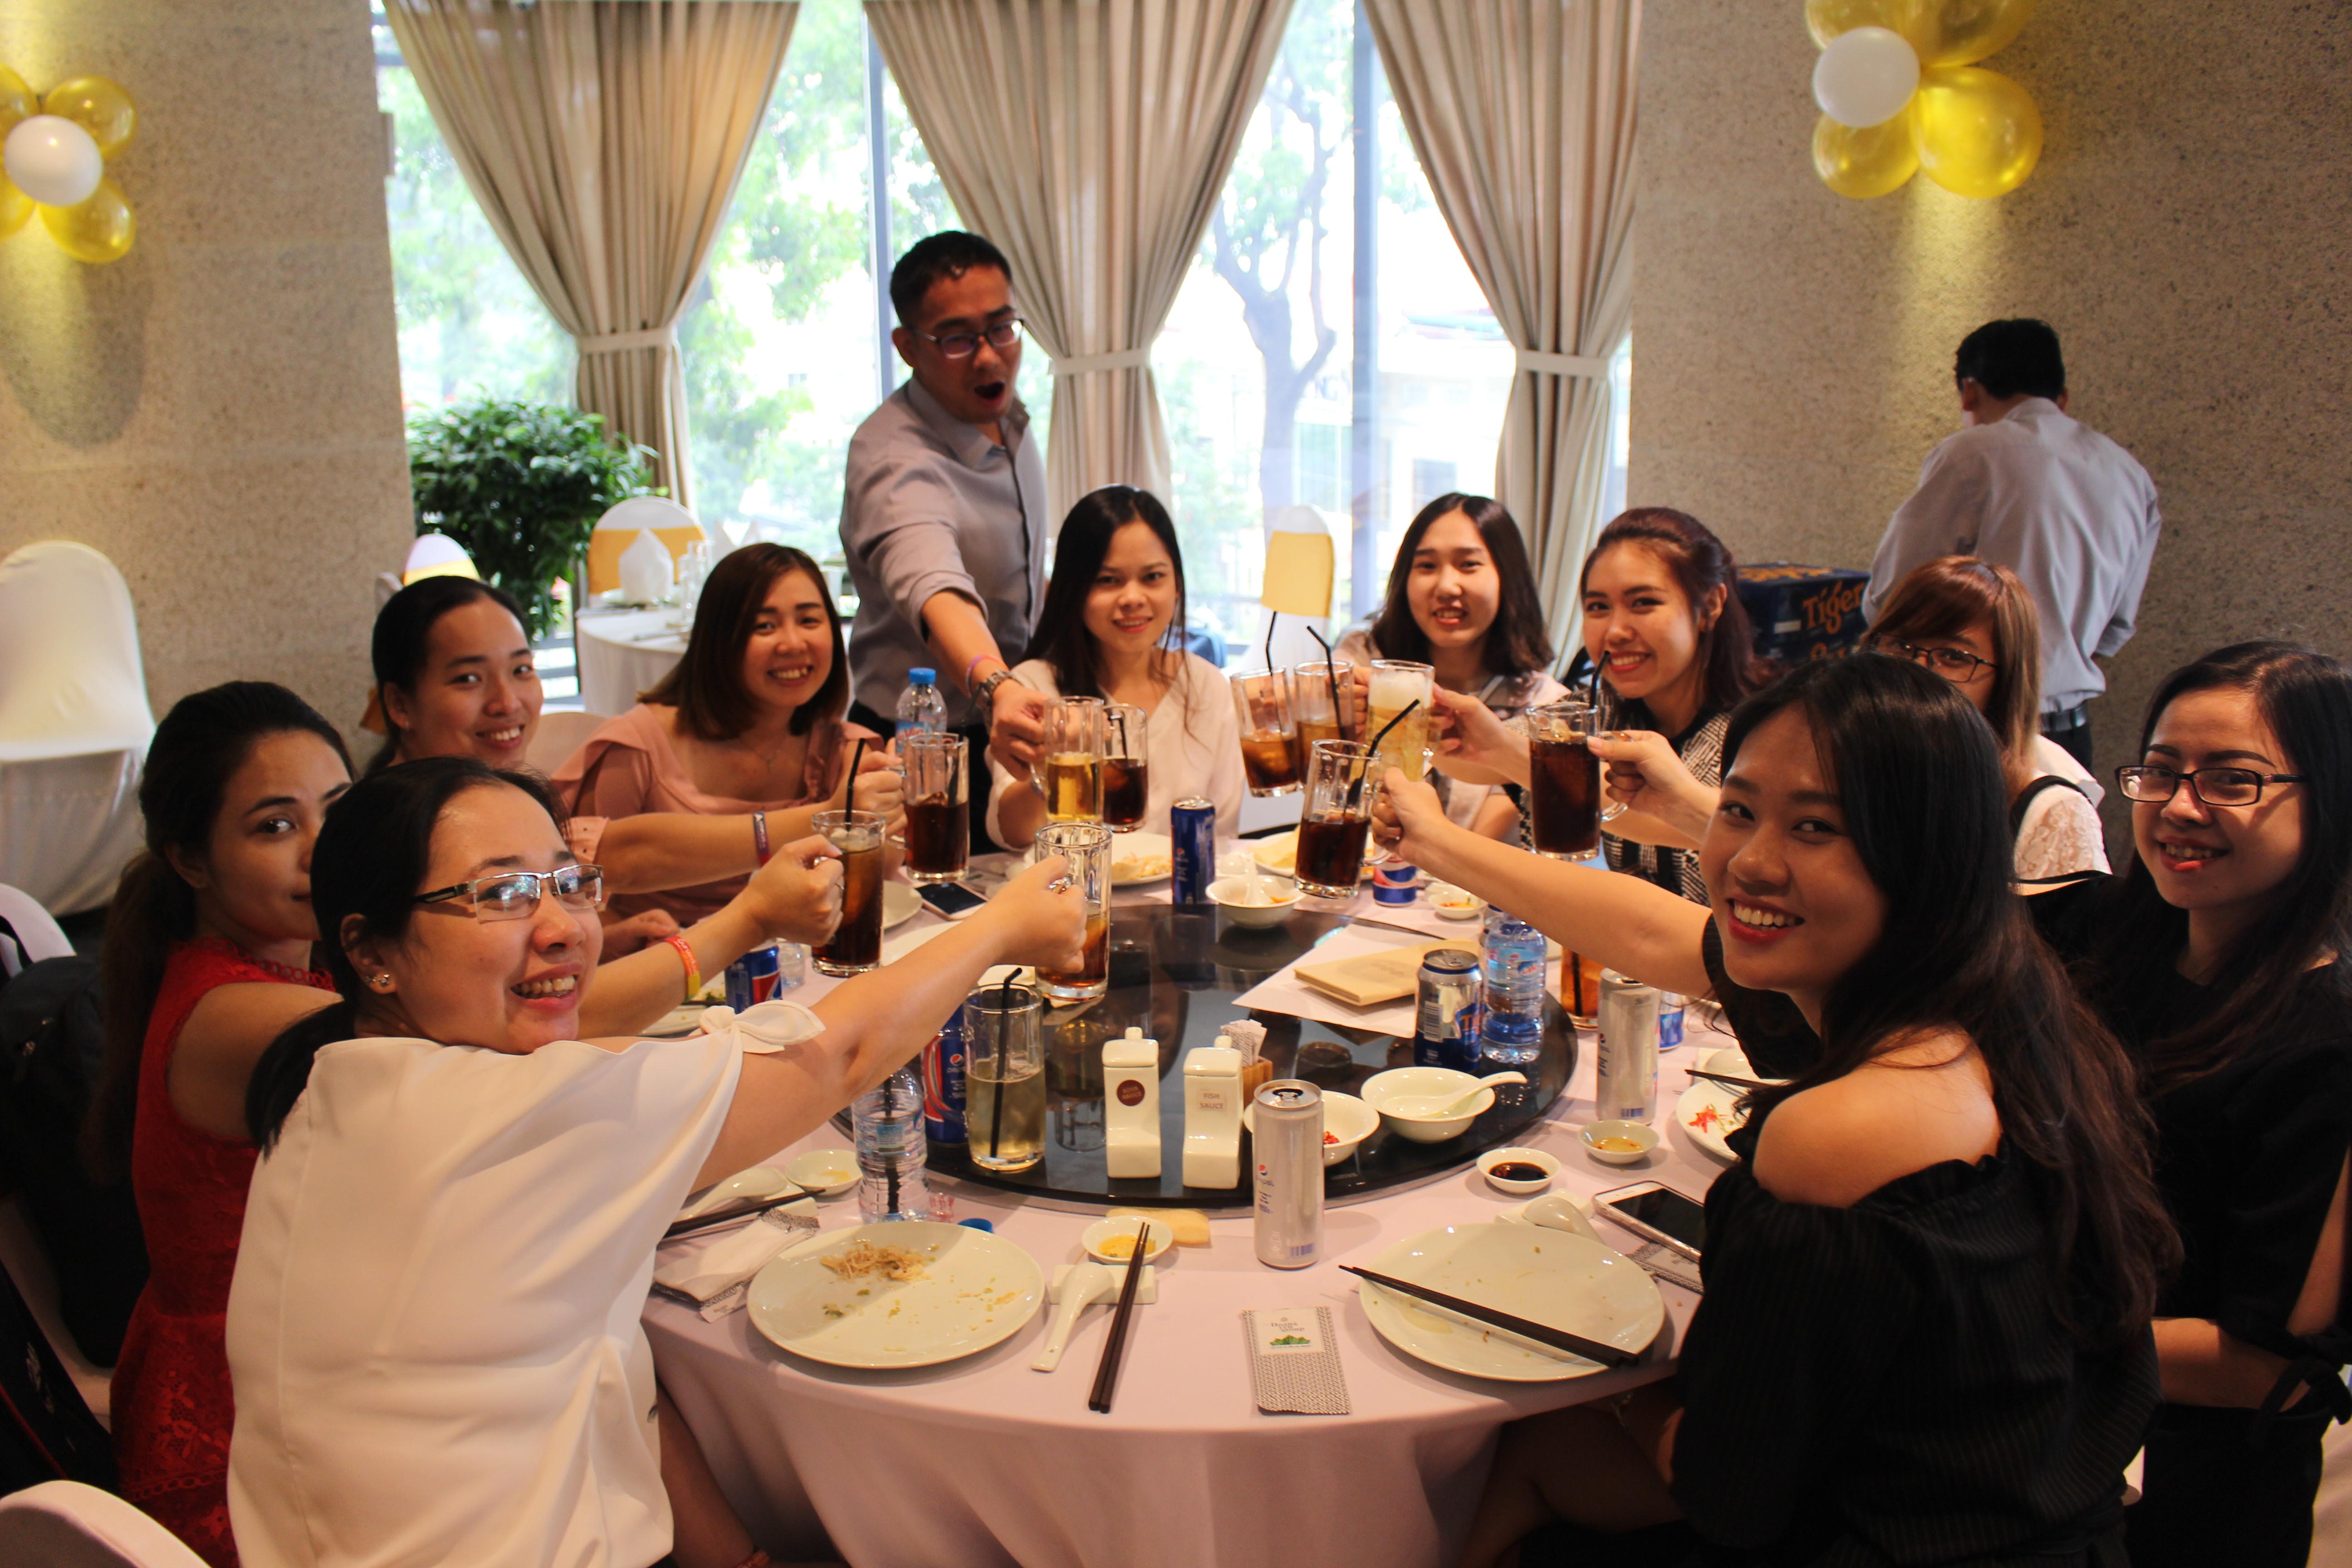 Tiệc Tất Niên chào đón năm Mậu Tuất của AdsPlus.vn ngày 6/2/2018 tại Stix Restaurant. Bữa tiệc ấm cúng kèm mục tặng quà Tết cho nhân viên AdsPlus.vn